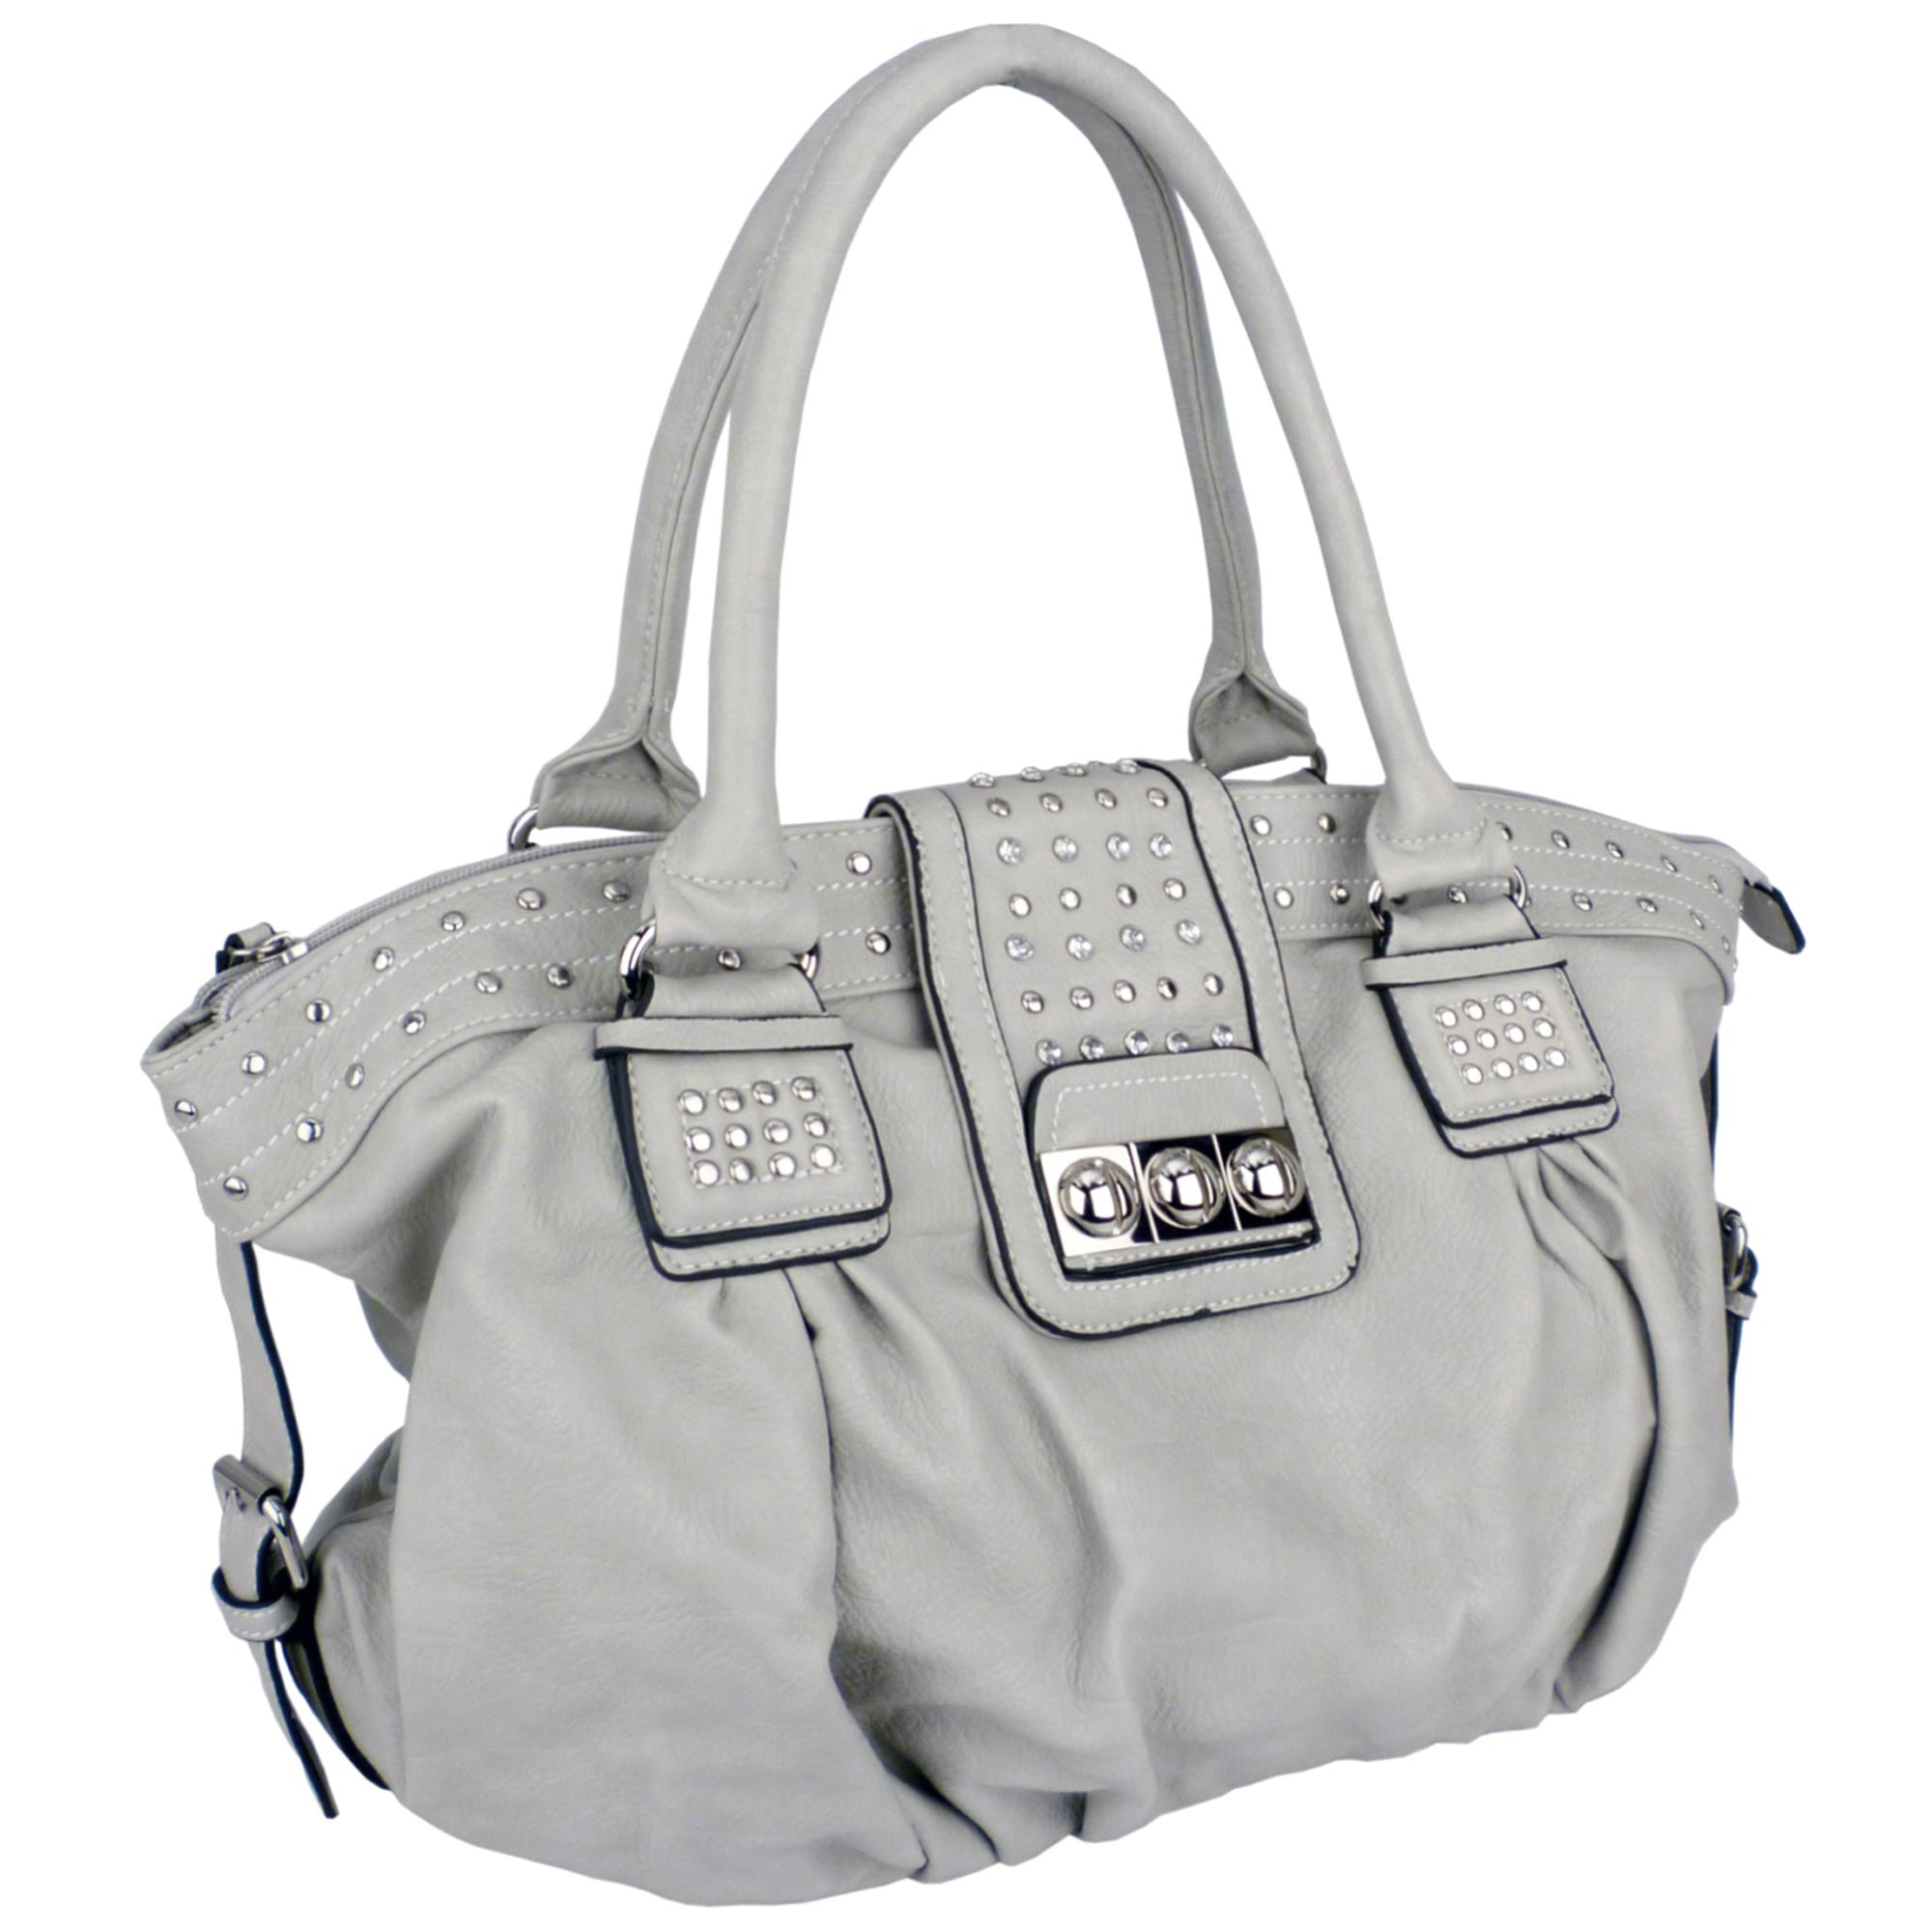 BRENNA Grey Studded Soft Shopper Style Hobo Handbag Angled